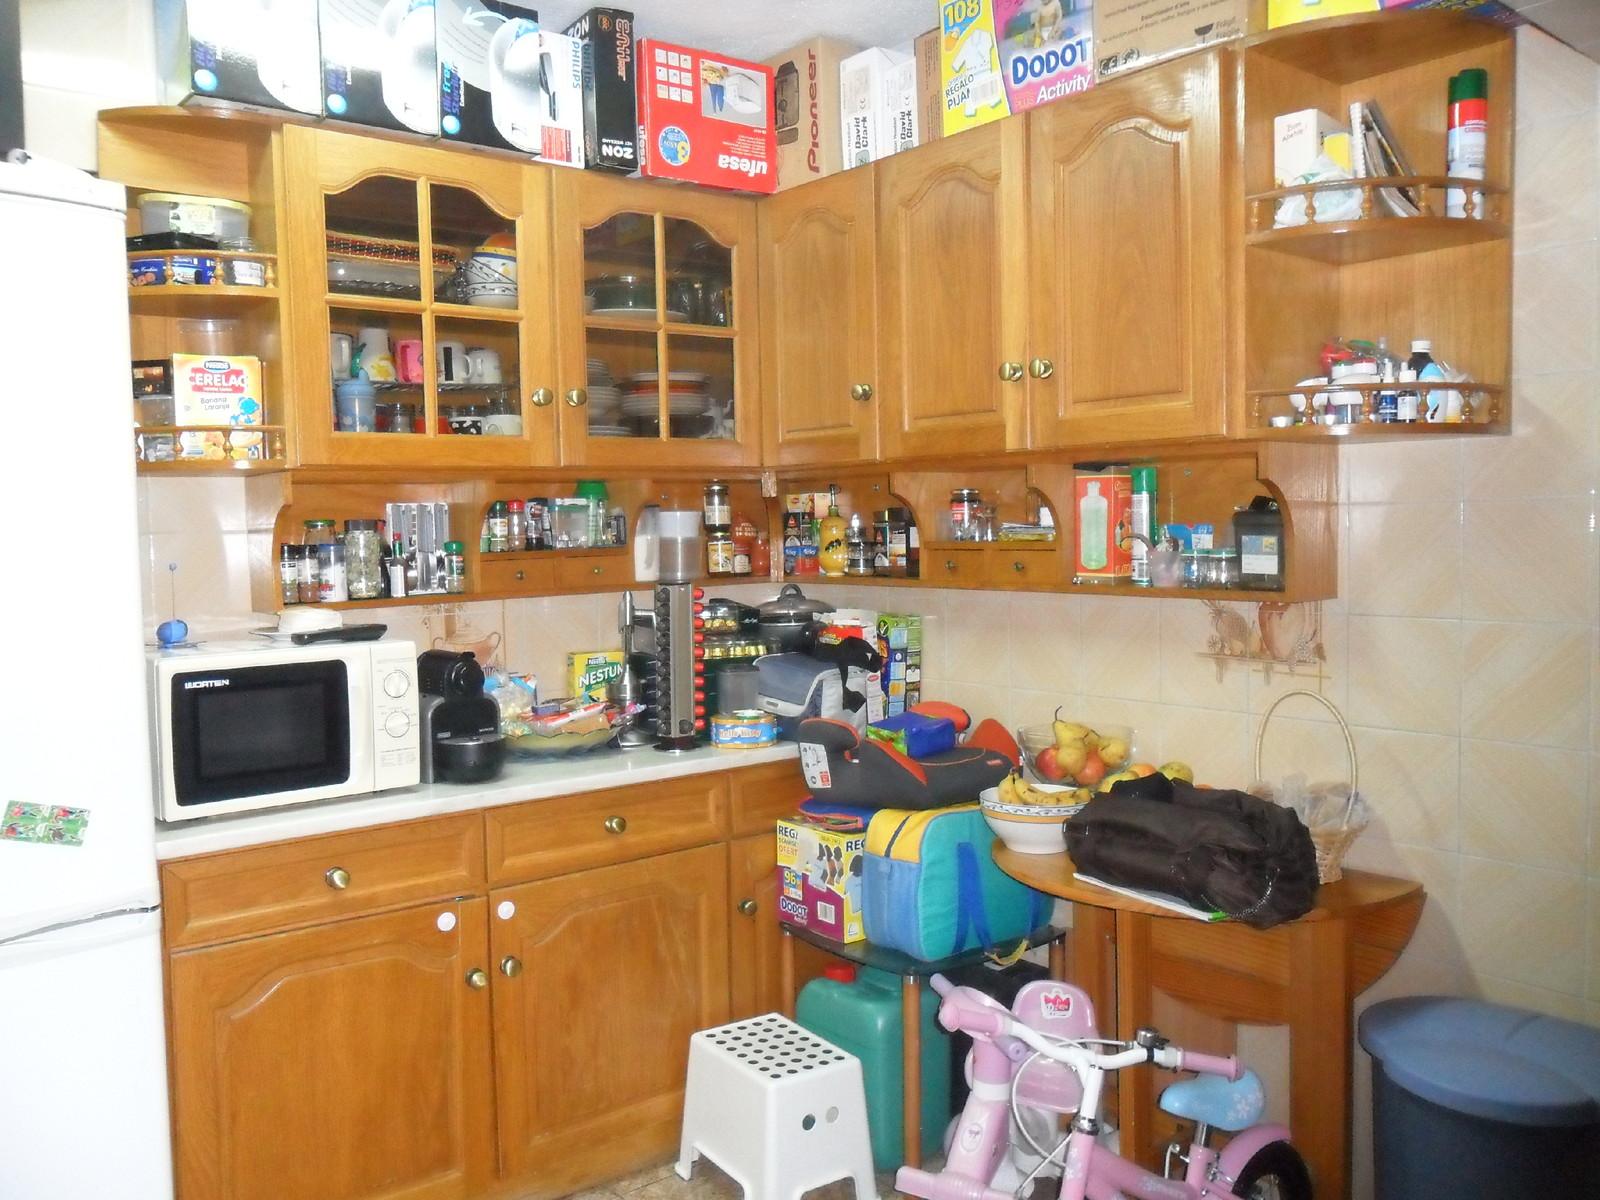 Pin Fotos De Decoração De Cozinha Com Mosaico on Pinterest #9D672E 1600 1200